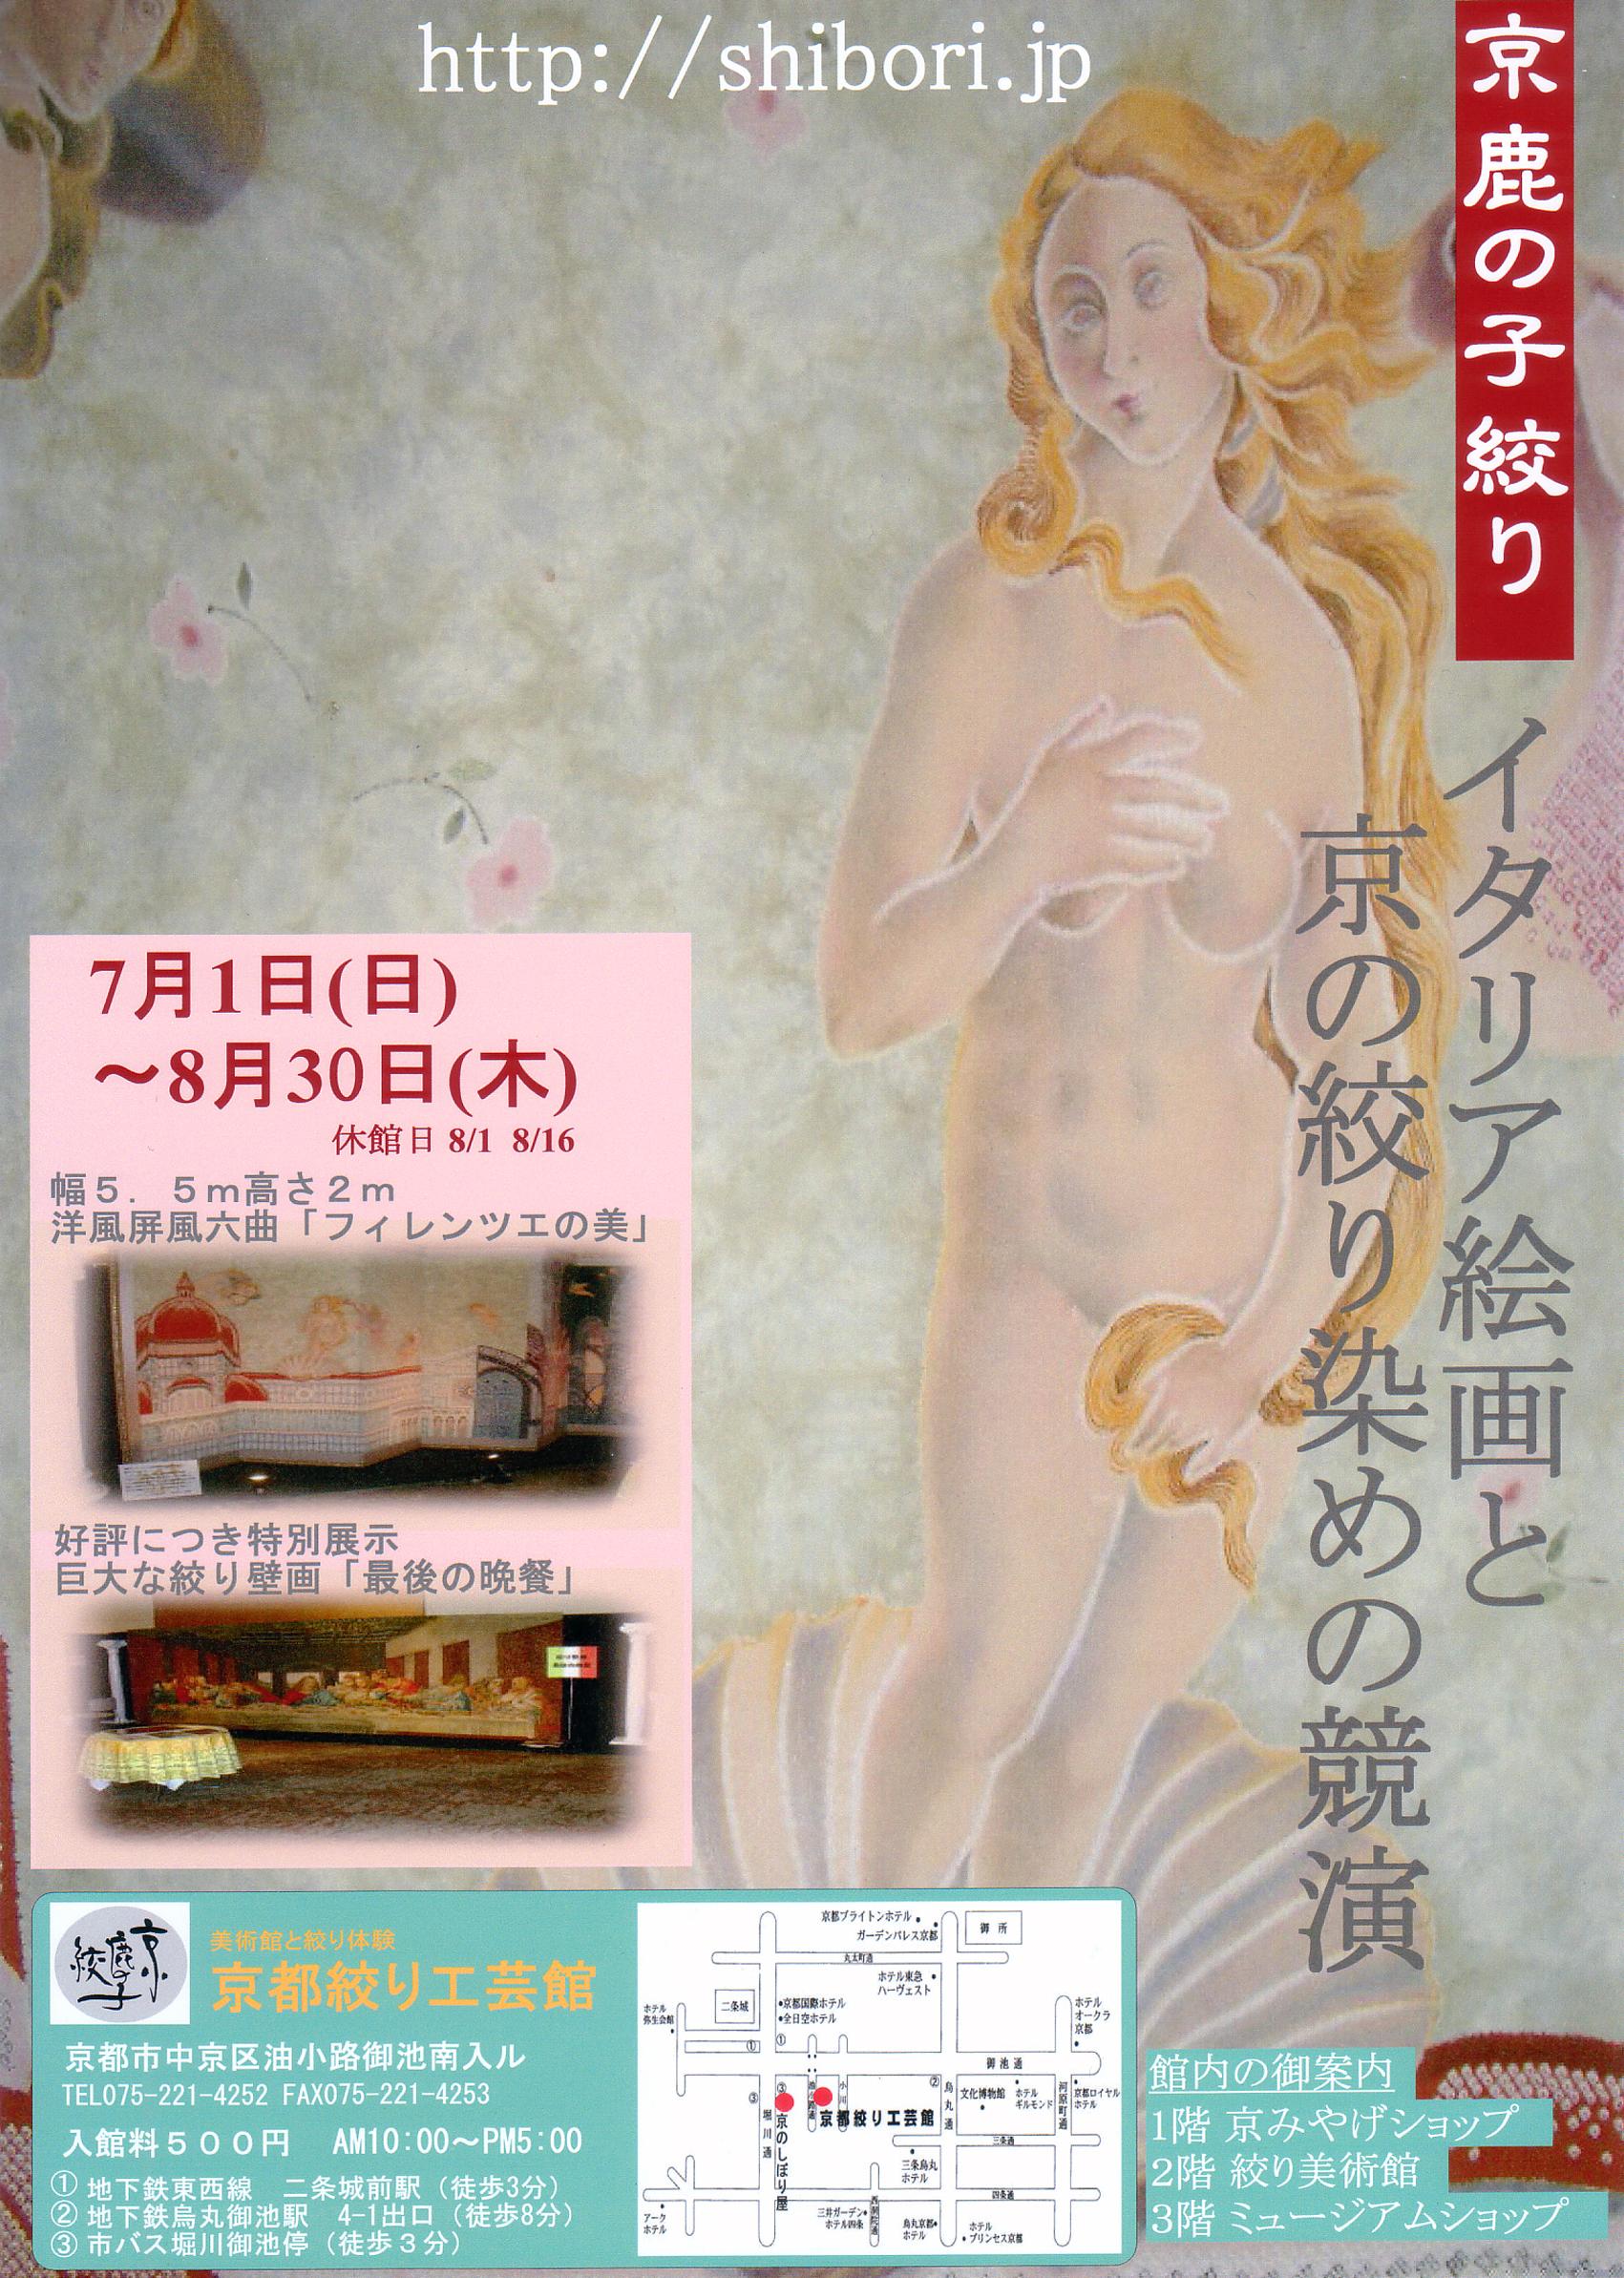 絞り染め展 イタリア絵画